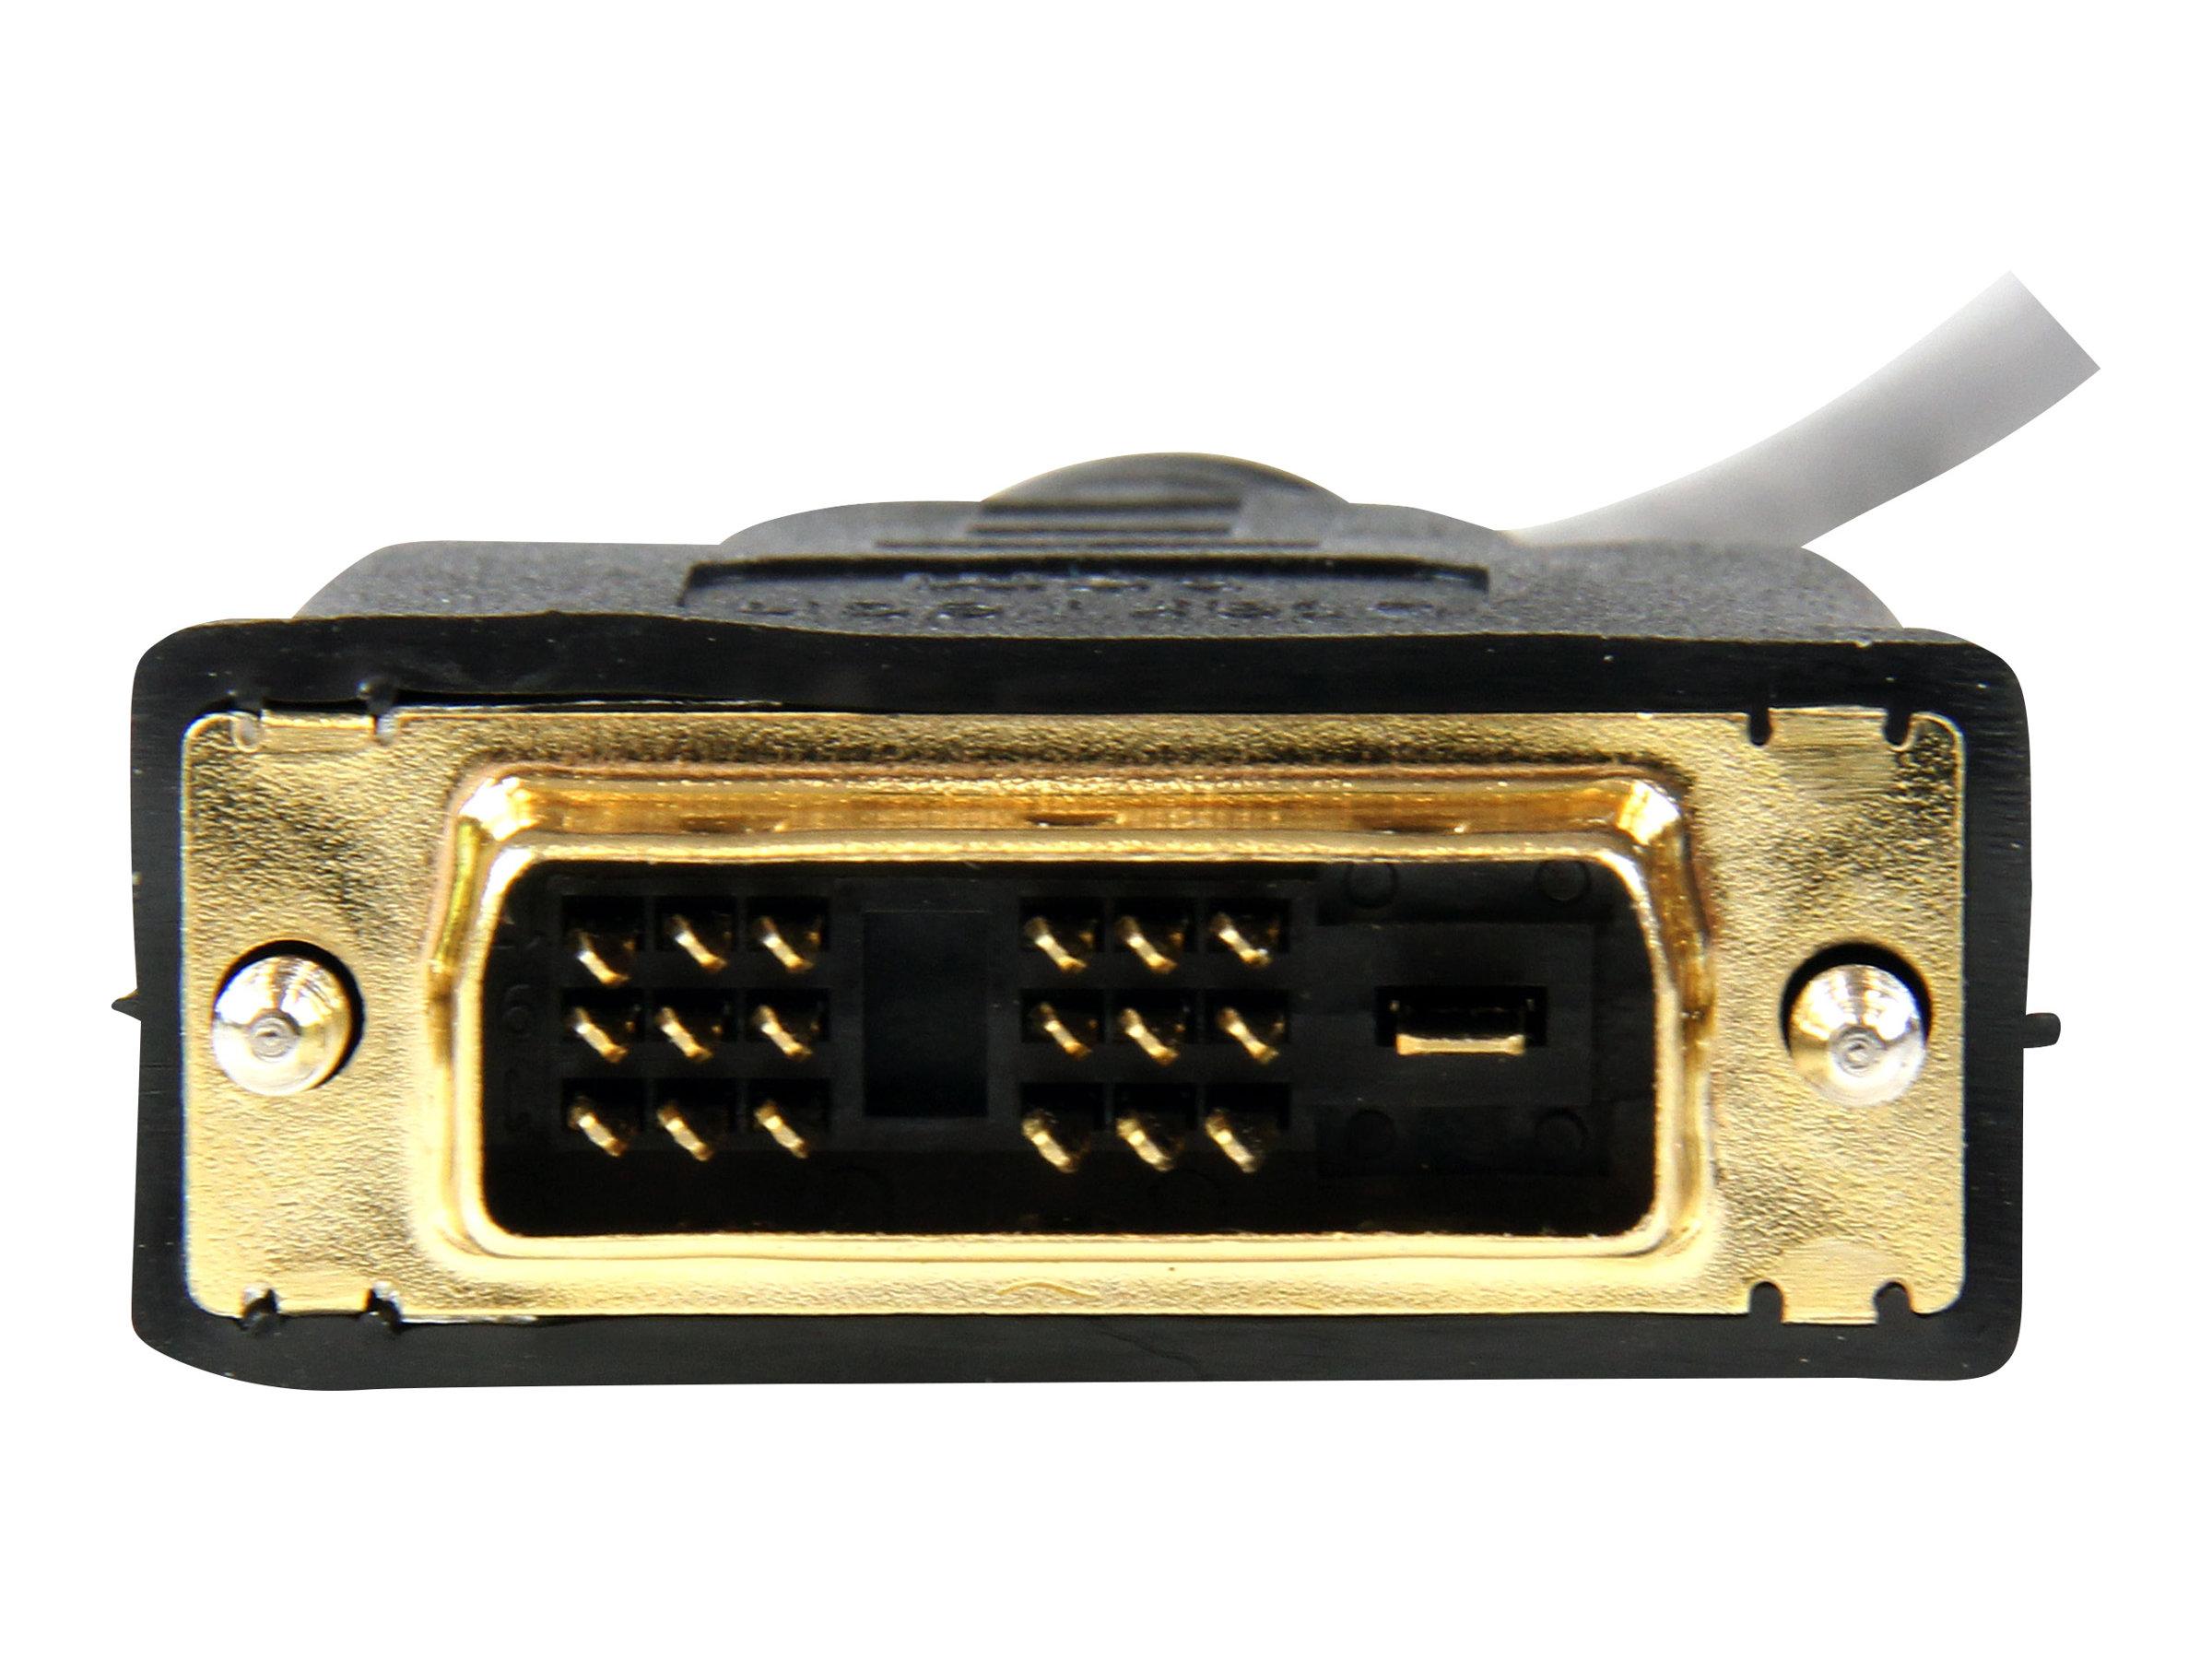 StarTech.com 1,8m HDMI auf DVI-D Kabel - HDMI / DVI Anschlusskabel - St/St - Videokabel - HDMI (M) bis DVI-D (M) - 1.83 m